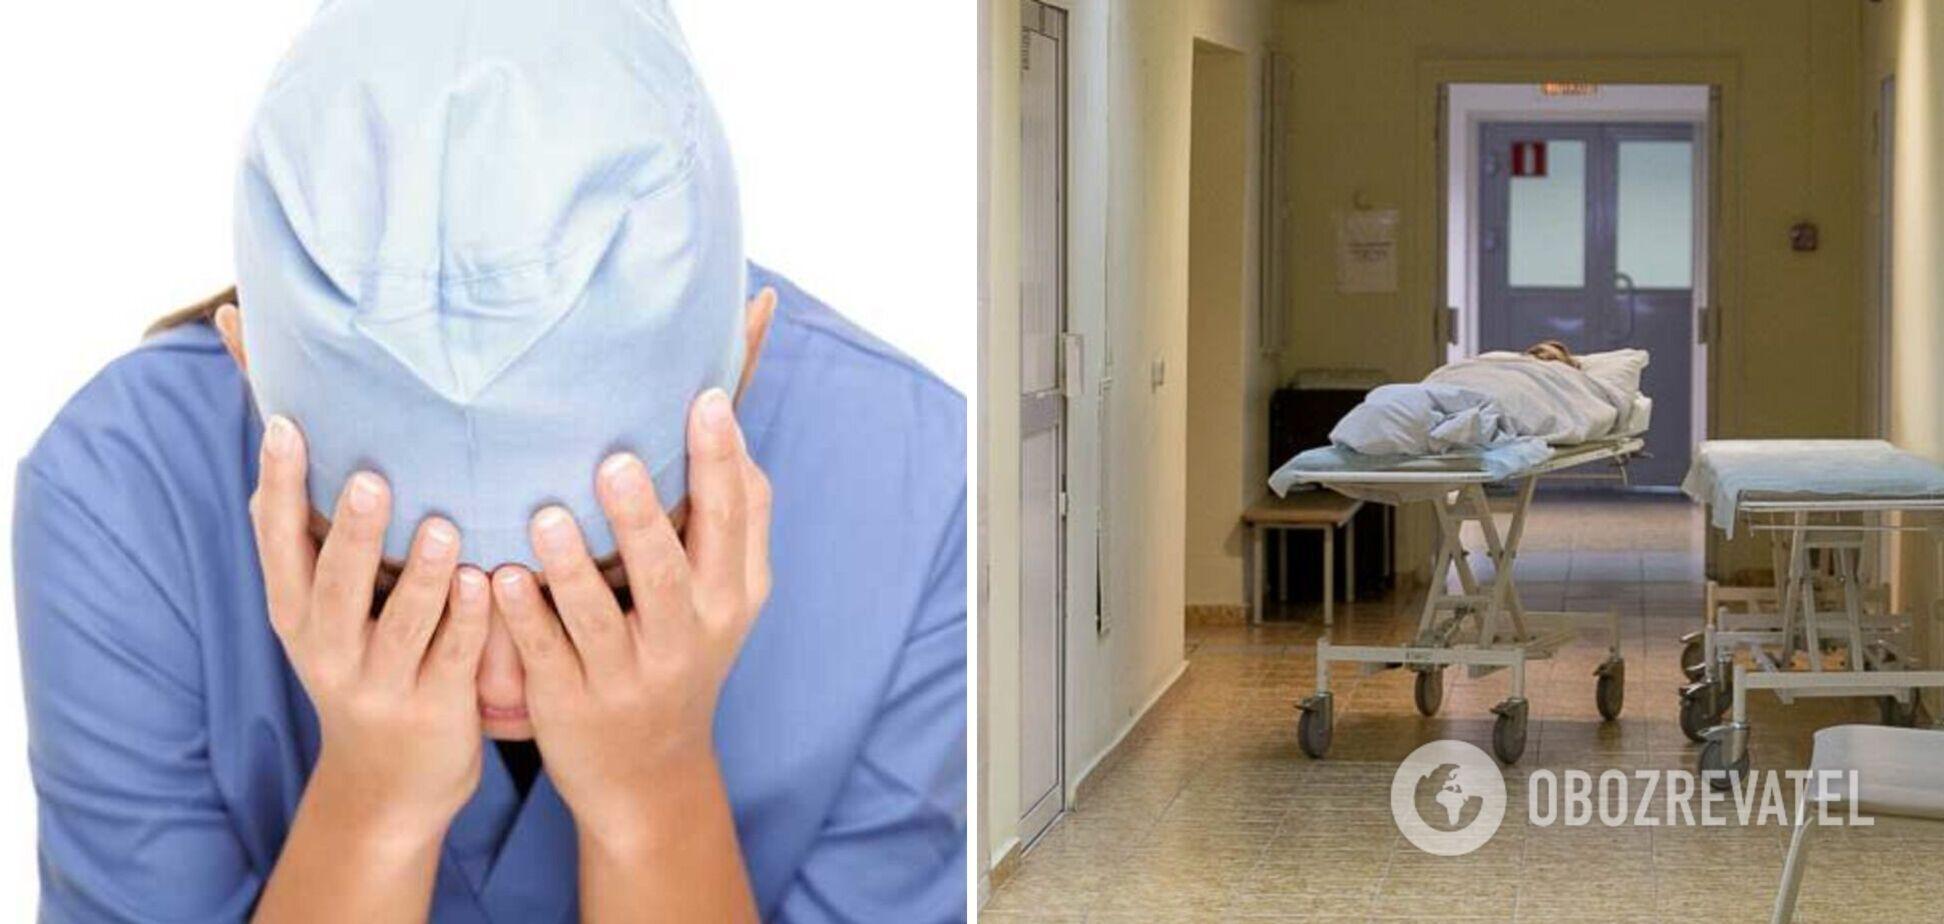 В Москве пьяная медсестра поиздевалась над пациенткой. Видео